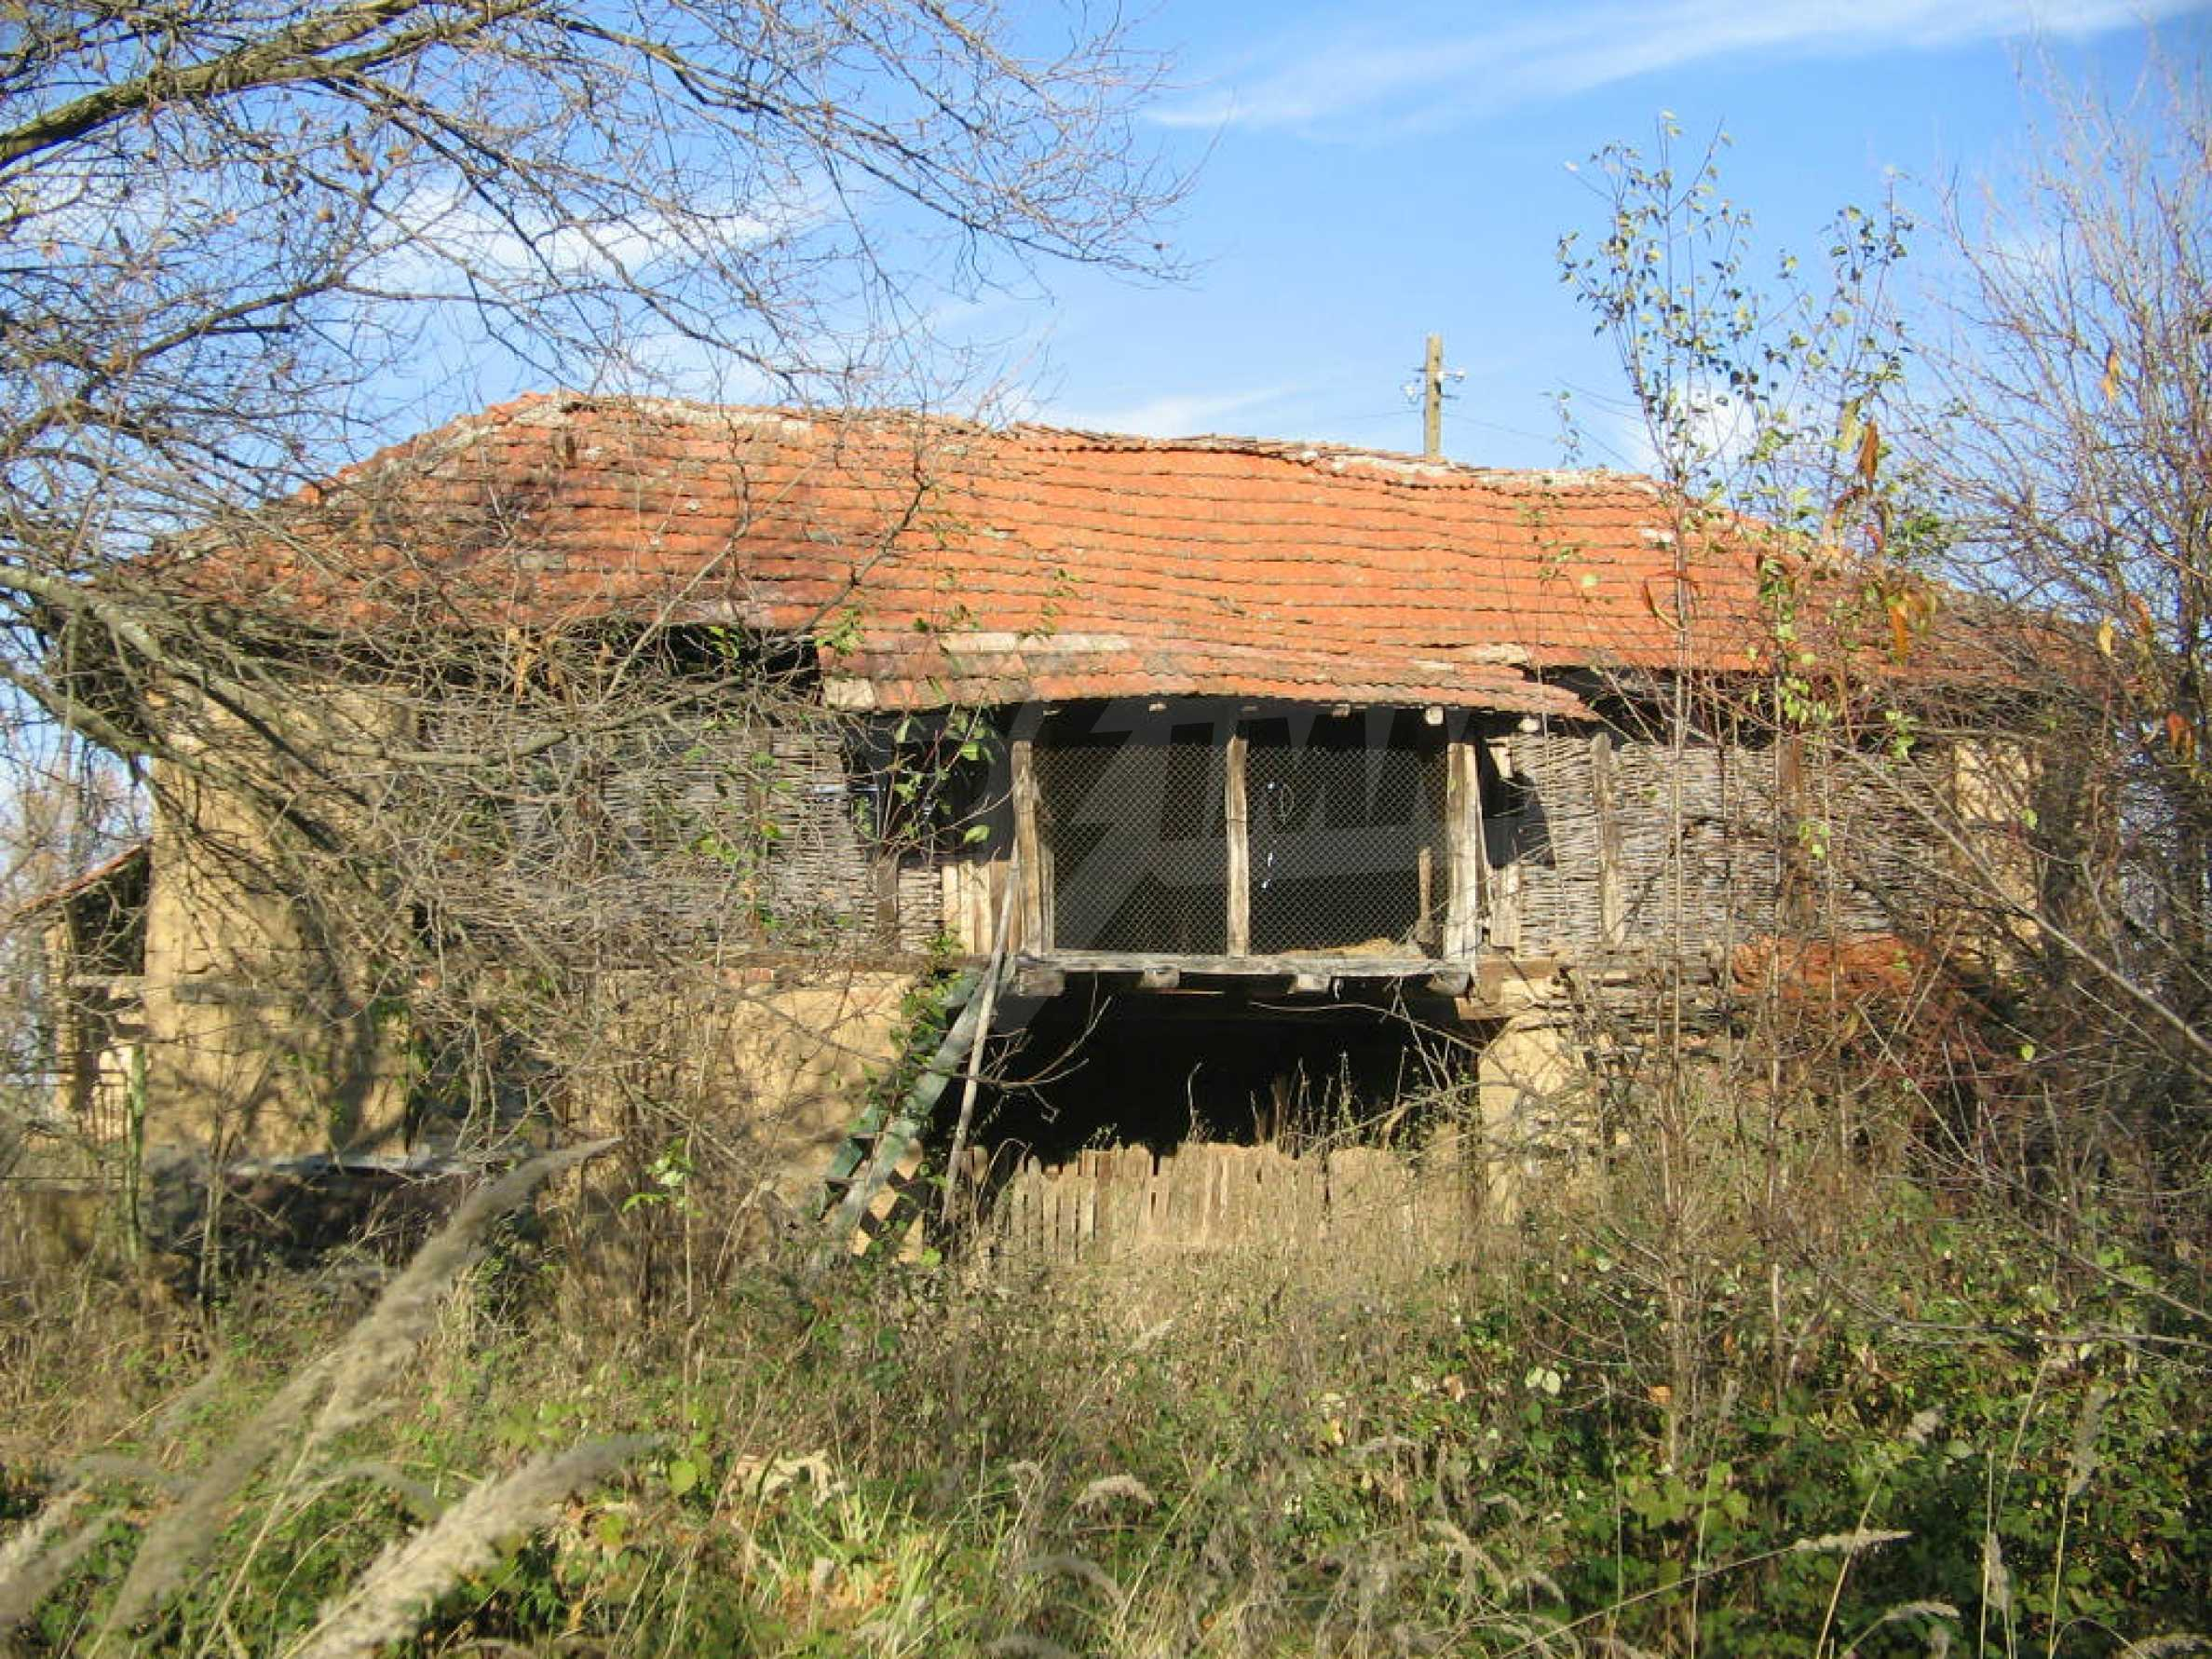 Einfamilienhaus mit Hof in der Nähe von Montana 9